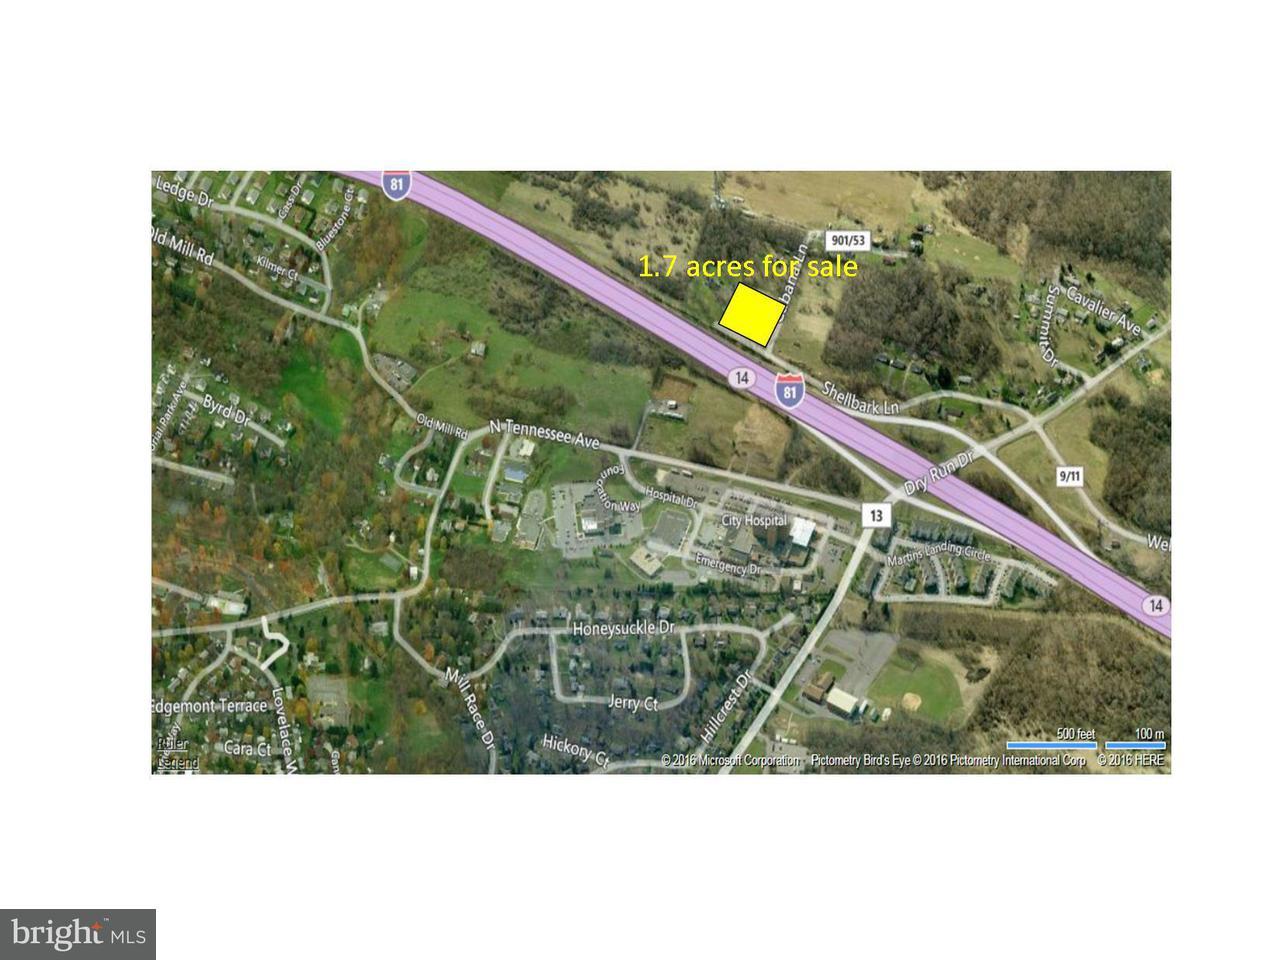 Land für Verkauf beim Shellbark Lane Shellbark Lane Martinsburg, West Virginia 25403 Vereinigte Staaten